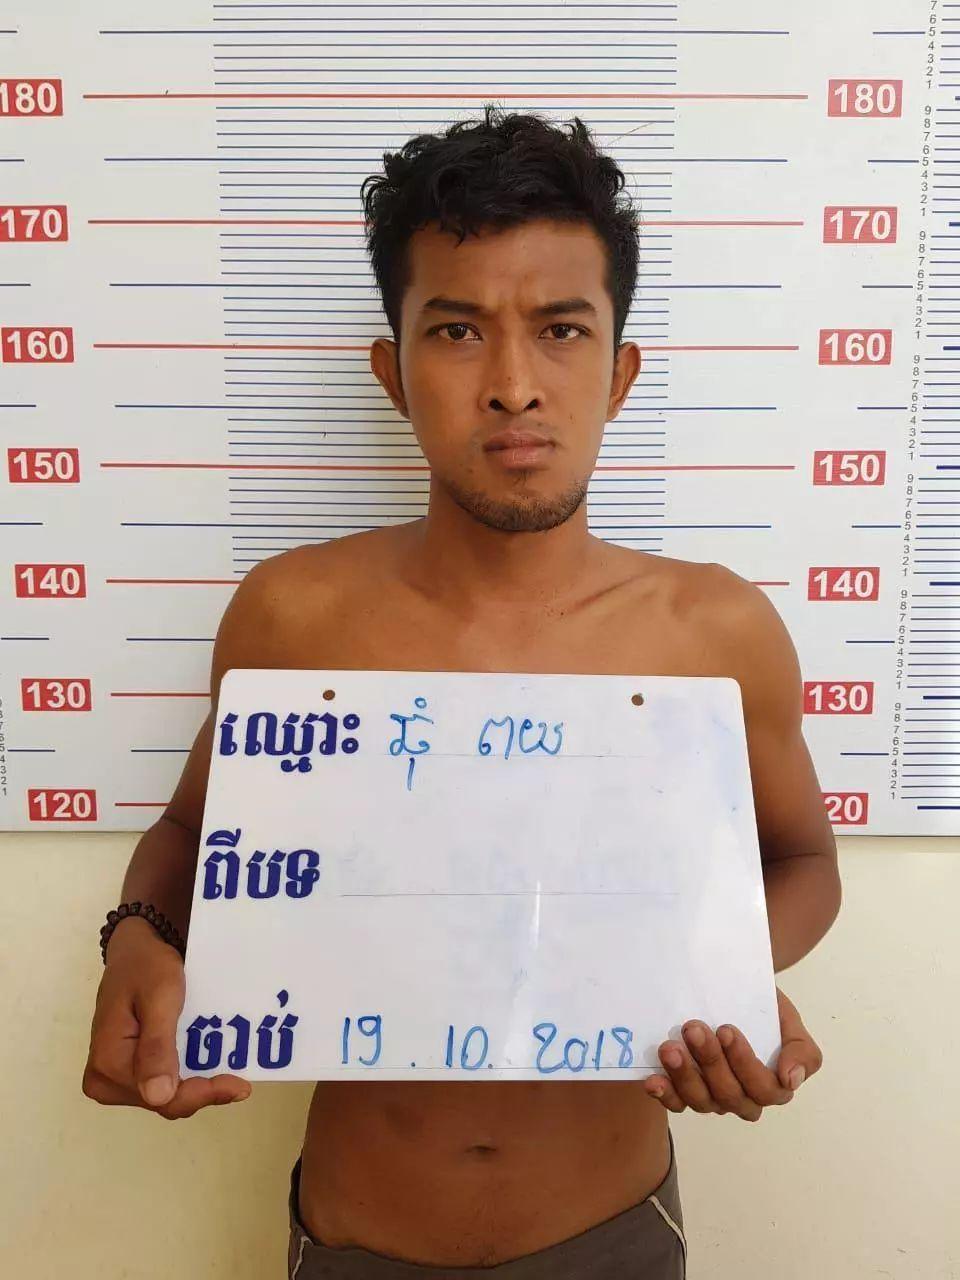 姐妹遇害藏尸案 男邻居涉案被捕